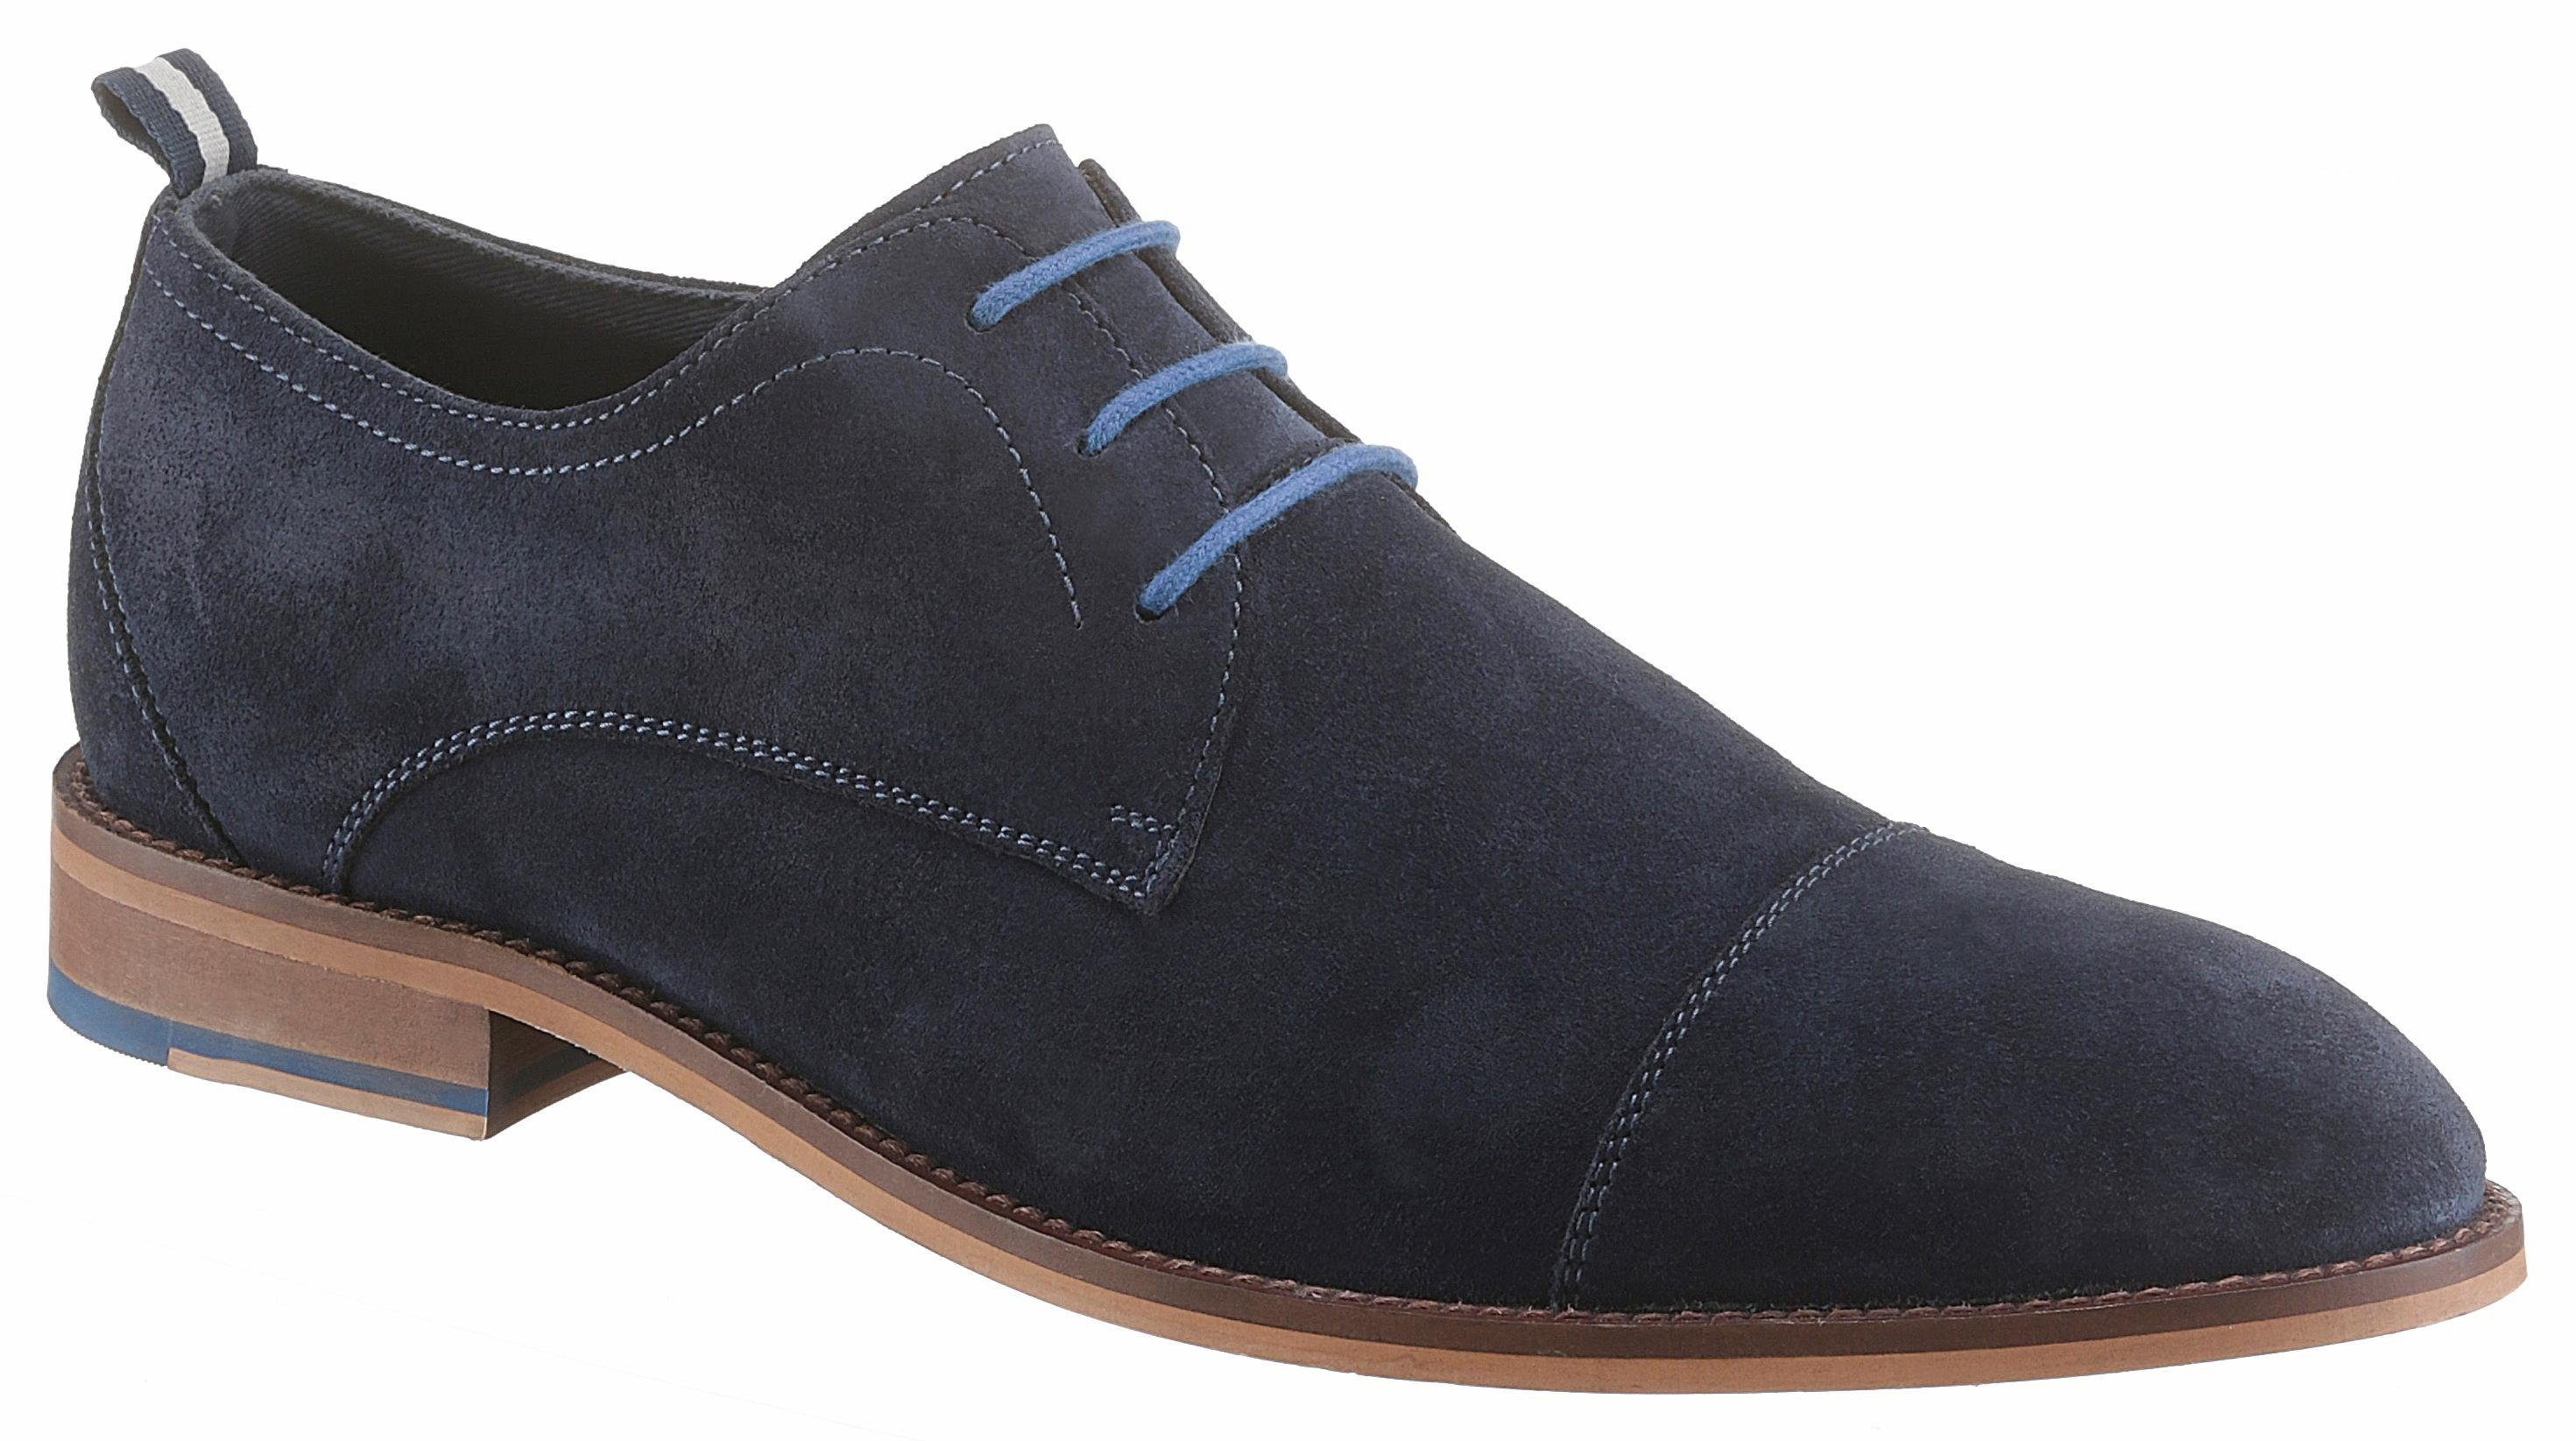 PETROLIO Schnürschuh, mit modischer Quernaht, blau, 44 44